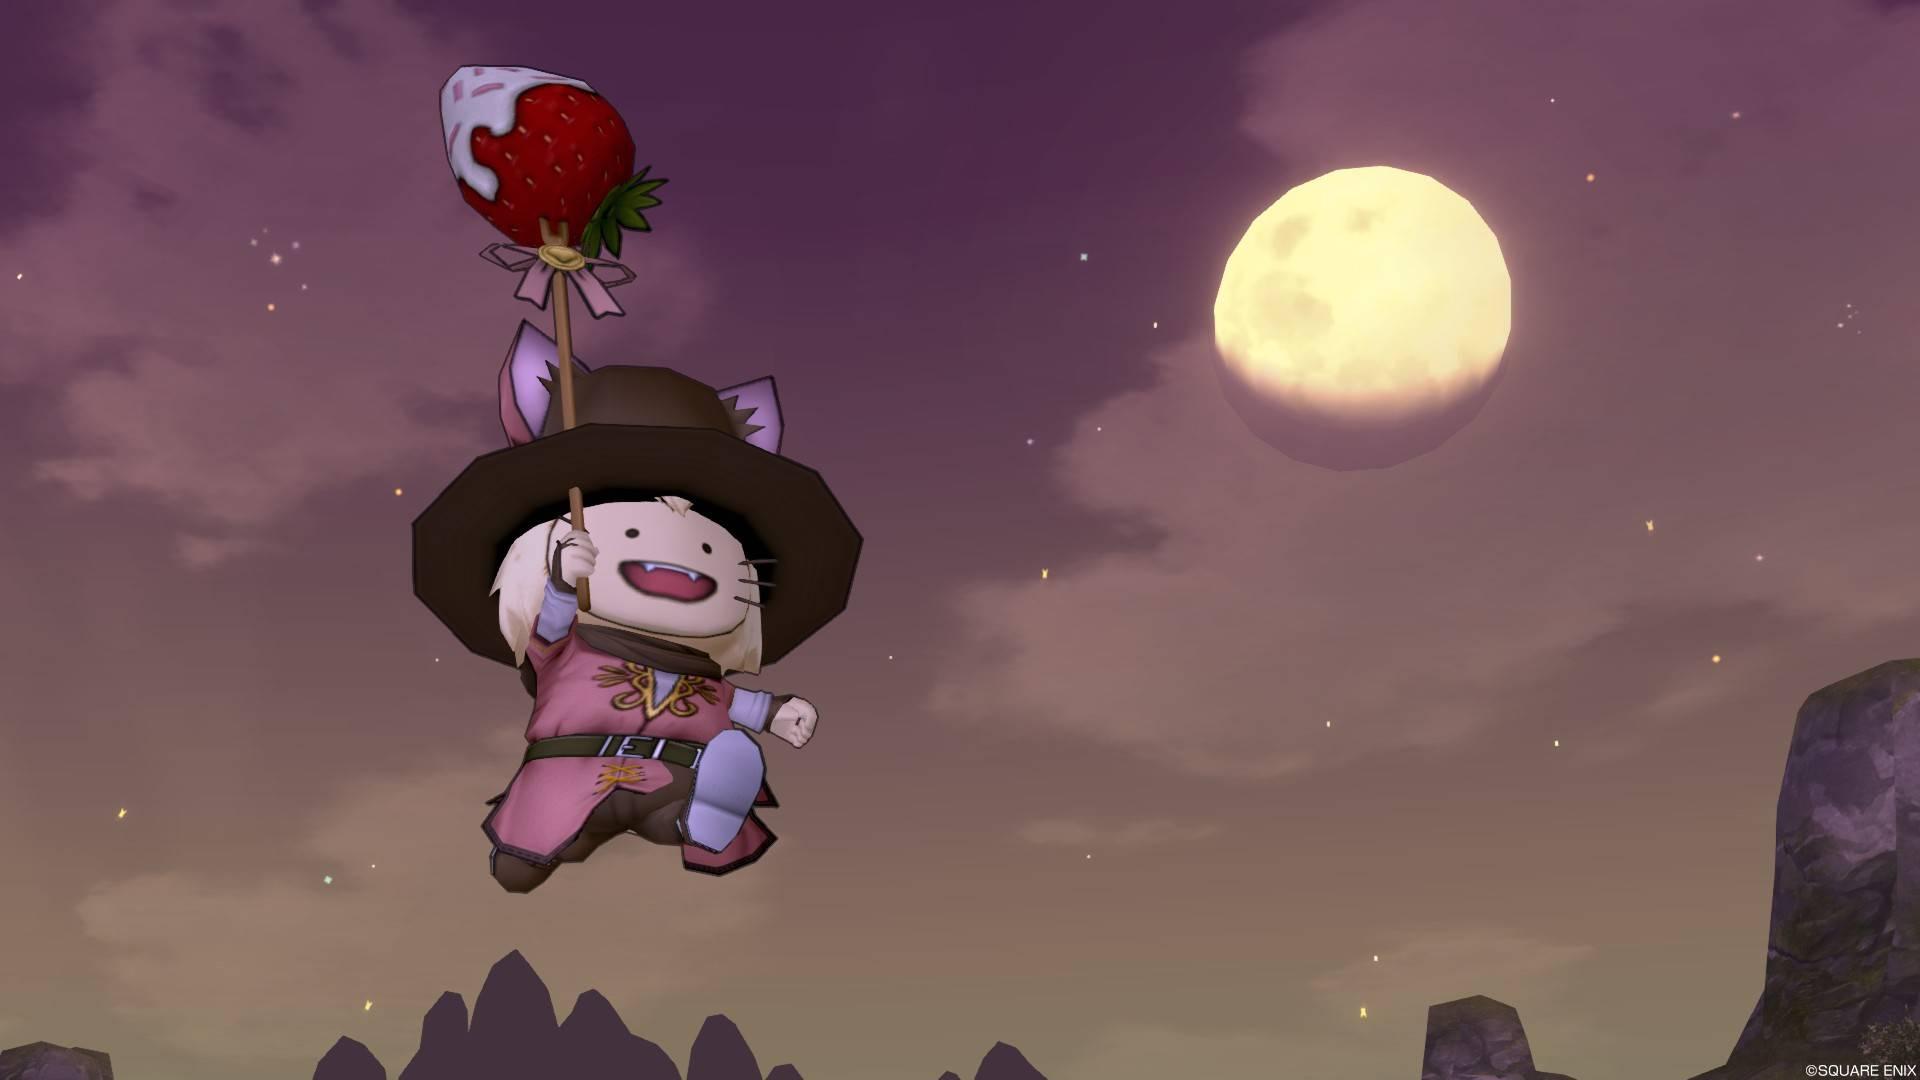 セレドット山道の日の暮れ 月をバックにジャンプ